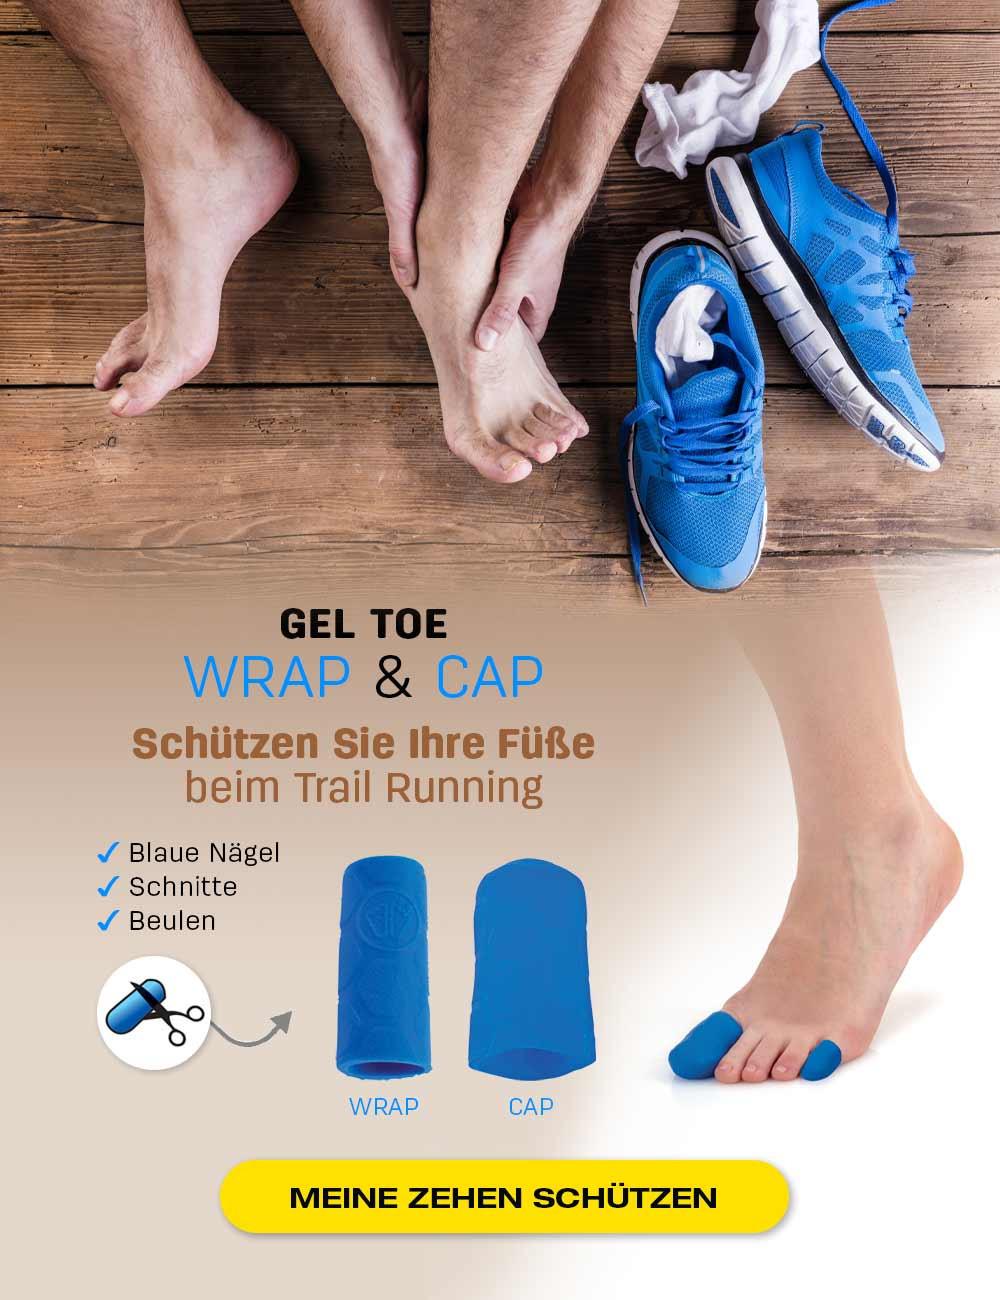 Schützen Sie Ihre Füße beim Trail Running